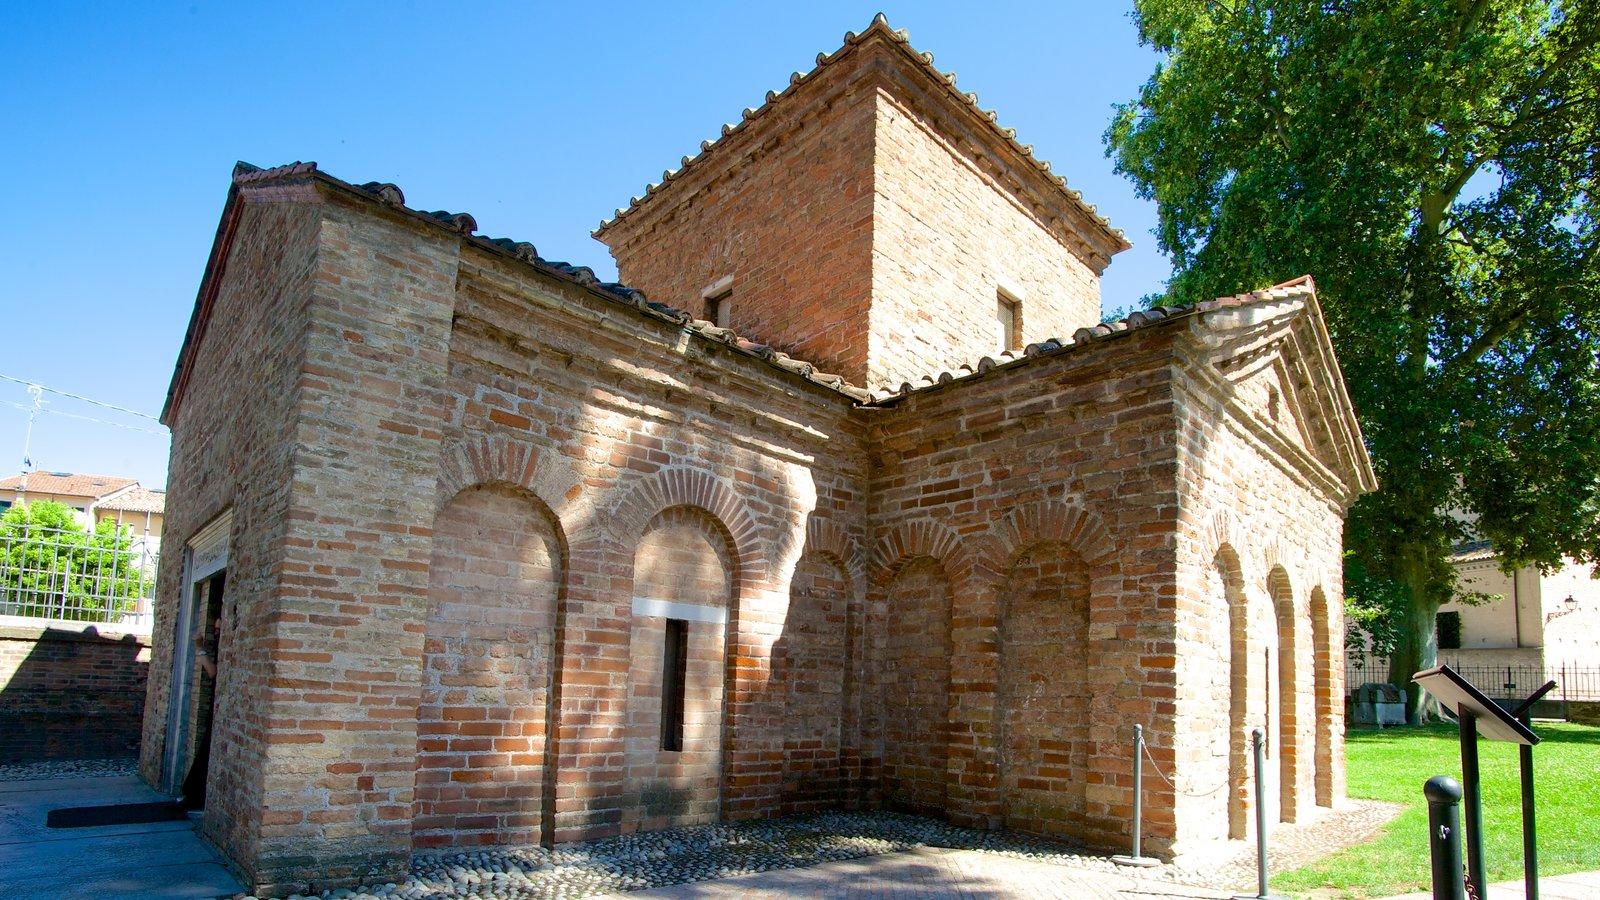 Mausoléu de Galla Placidia caracterizando elementos de patrimônio